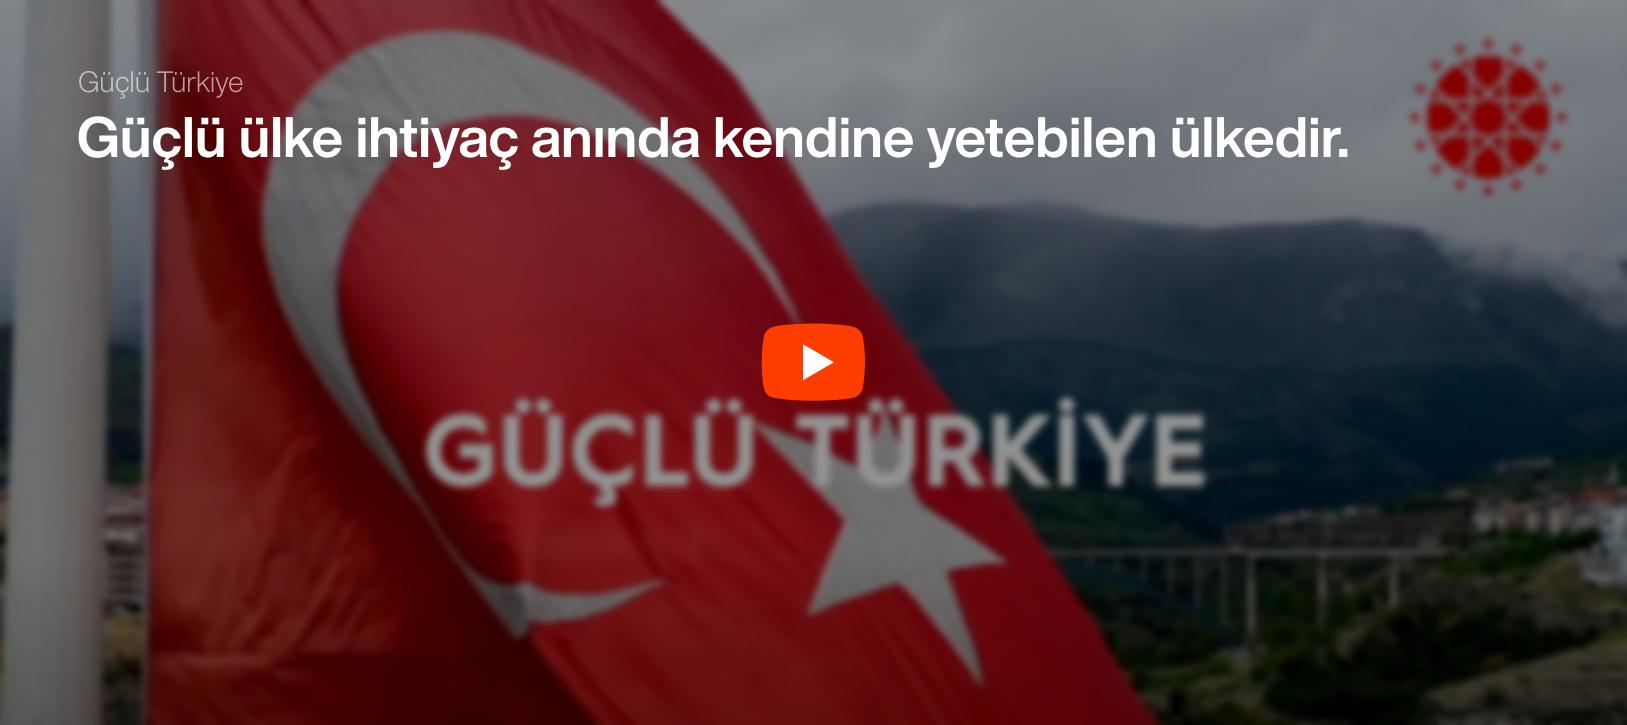 Pandemi Sürecinde Güçlü Türkiye